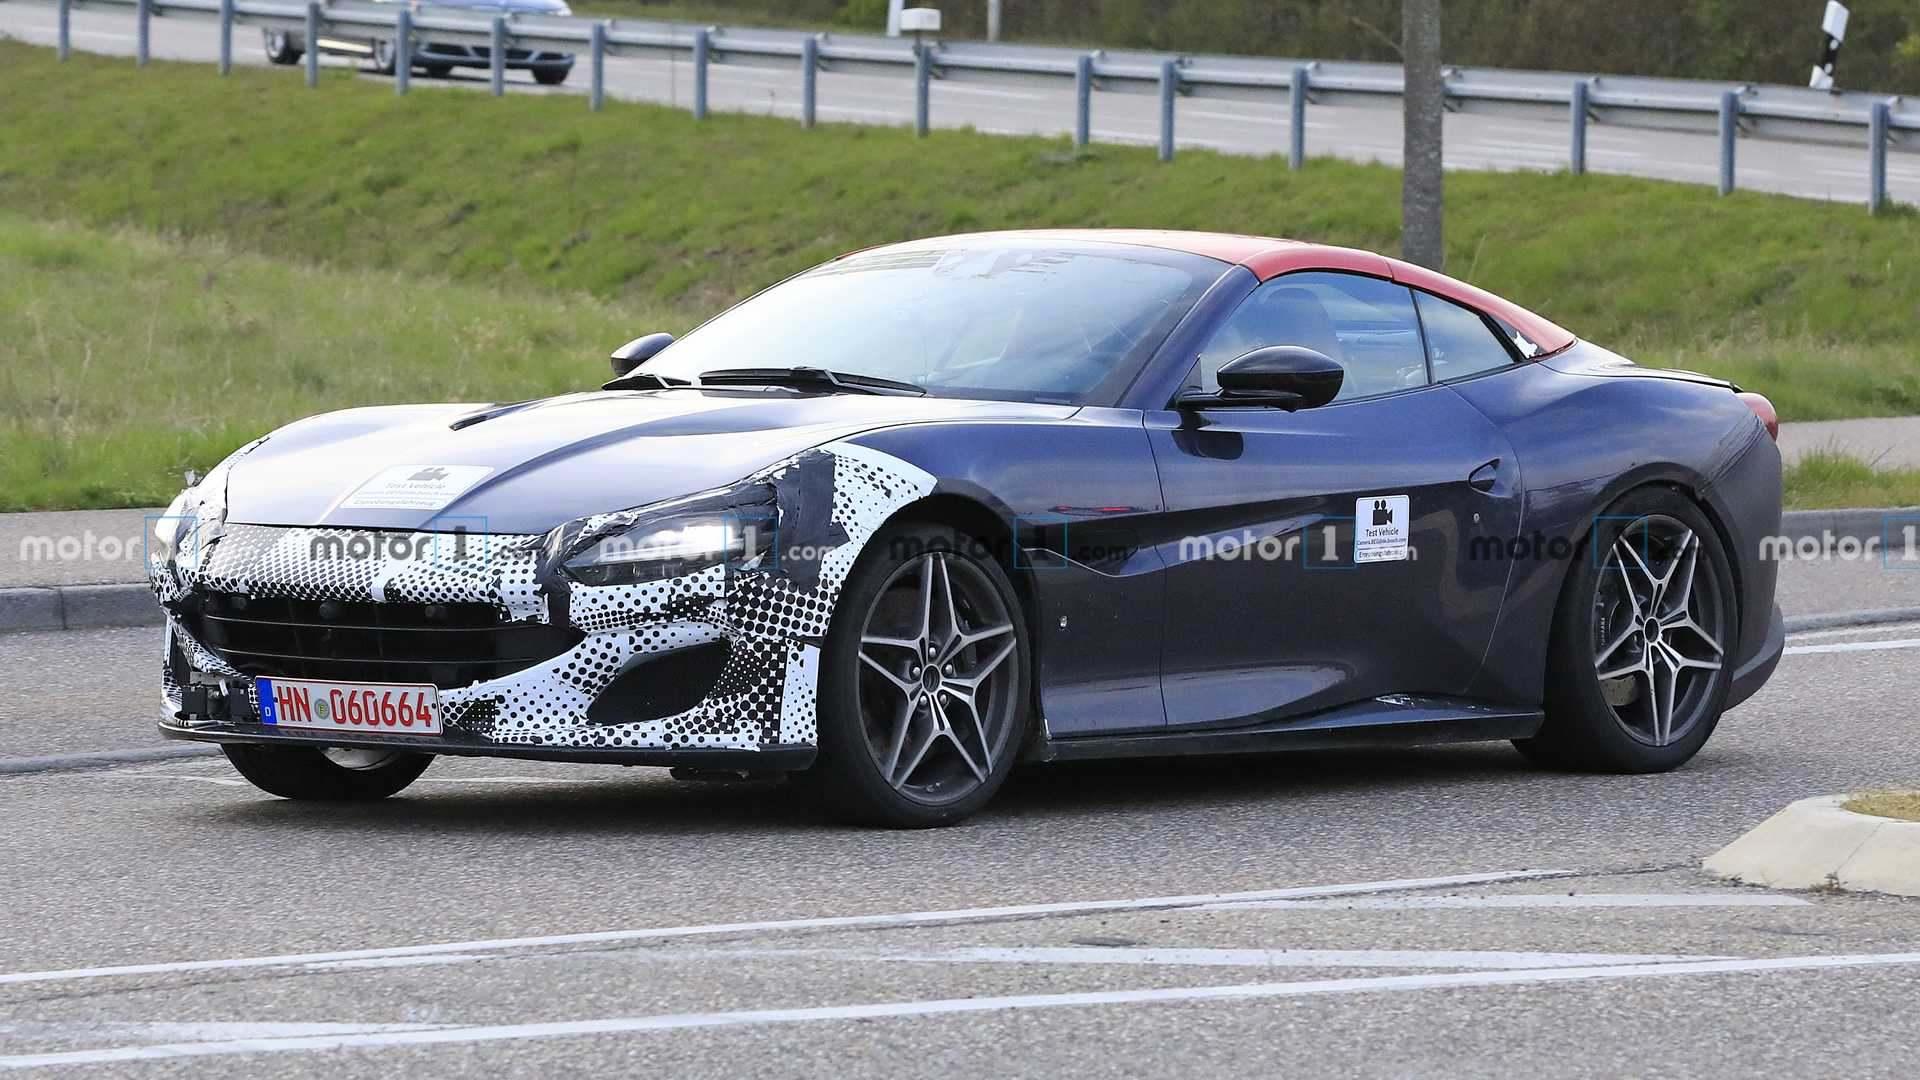 F1体育-最便宜的法拉利谍照 620马力3.5秒破百